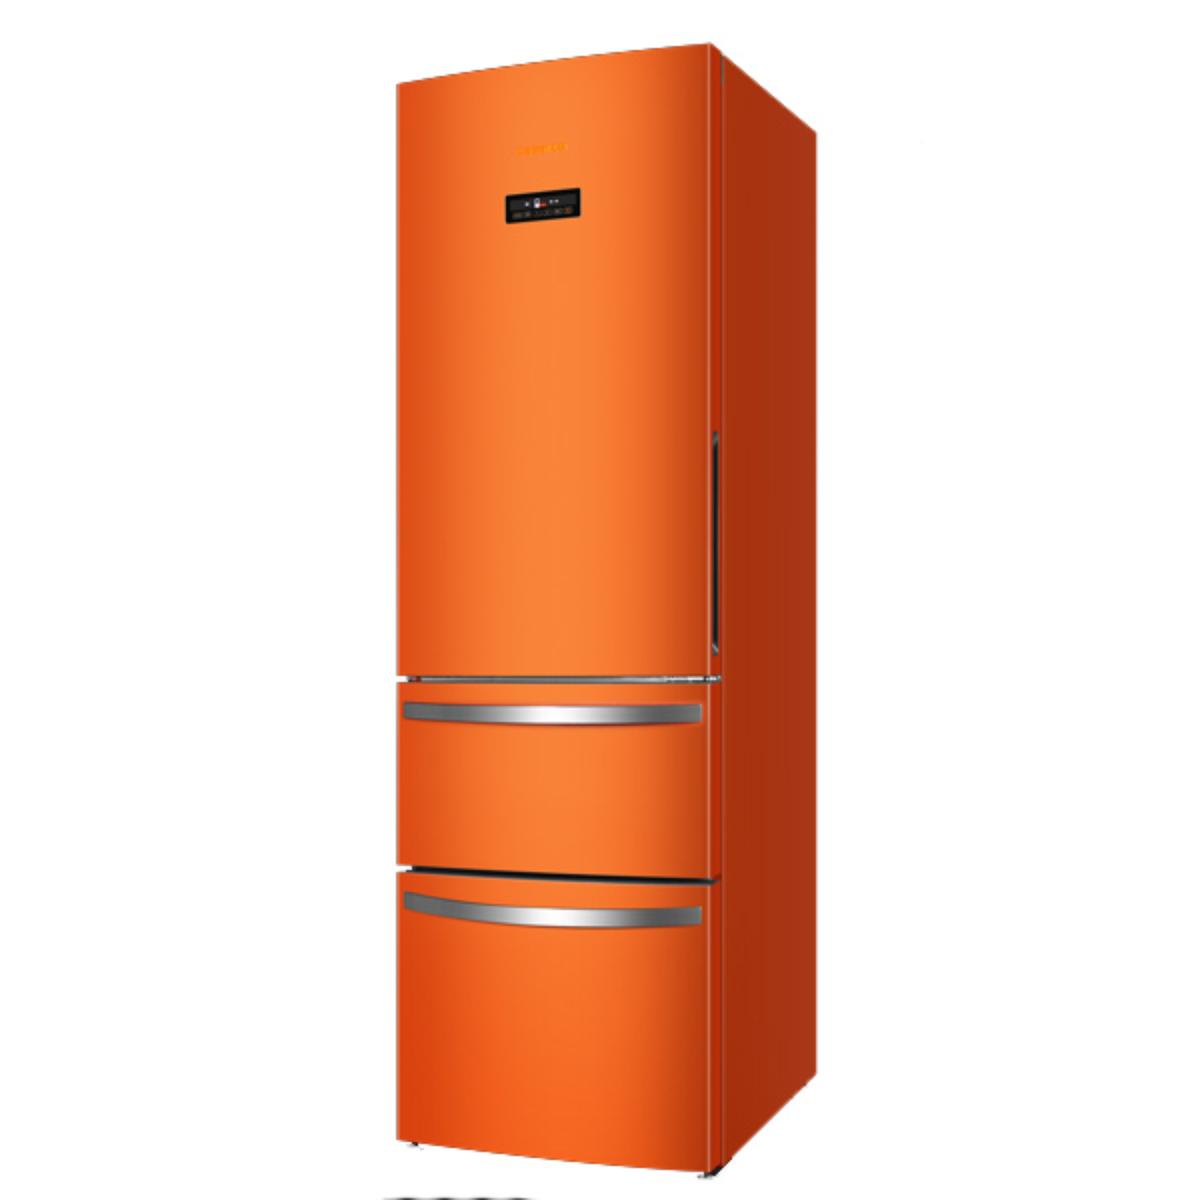 冰箱买什么牌子好 冰箱品牌推荐